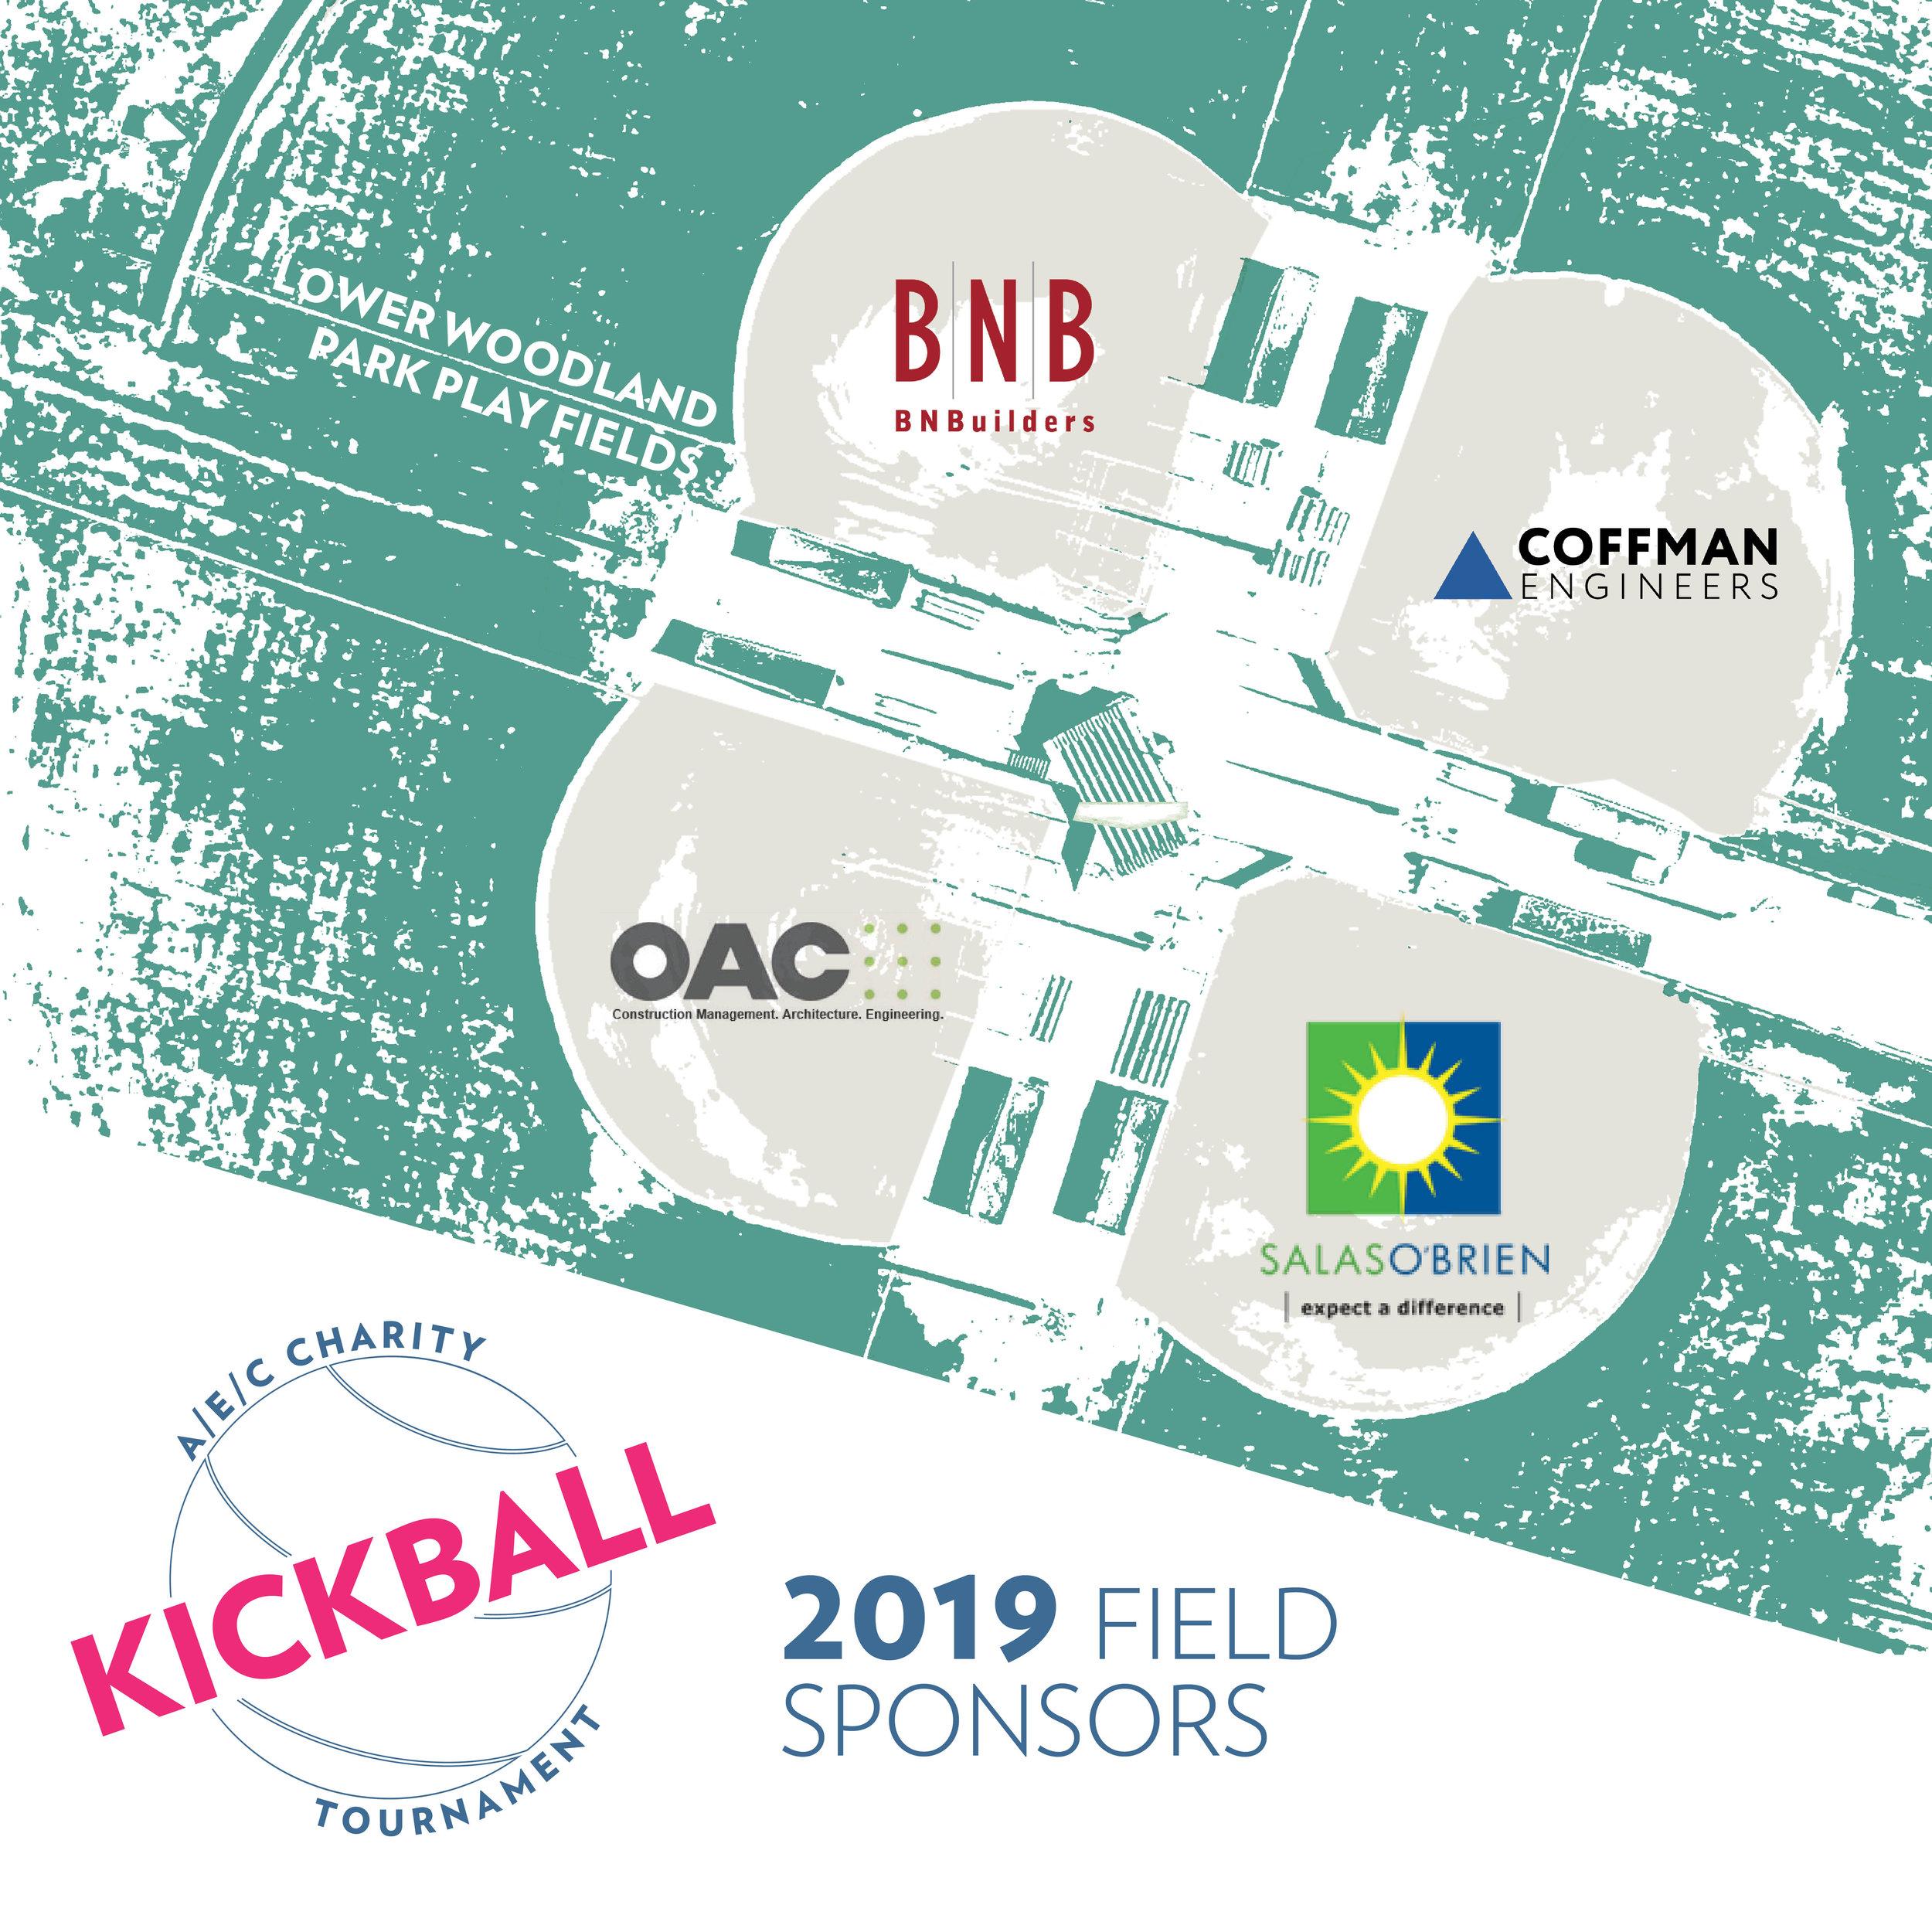 Field Sponsors Map.jpg